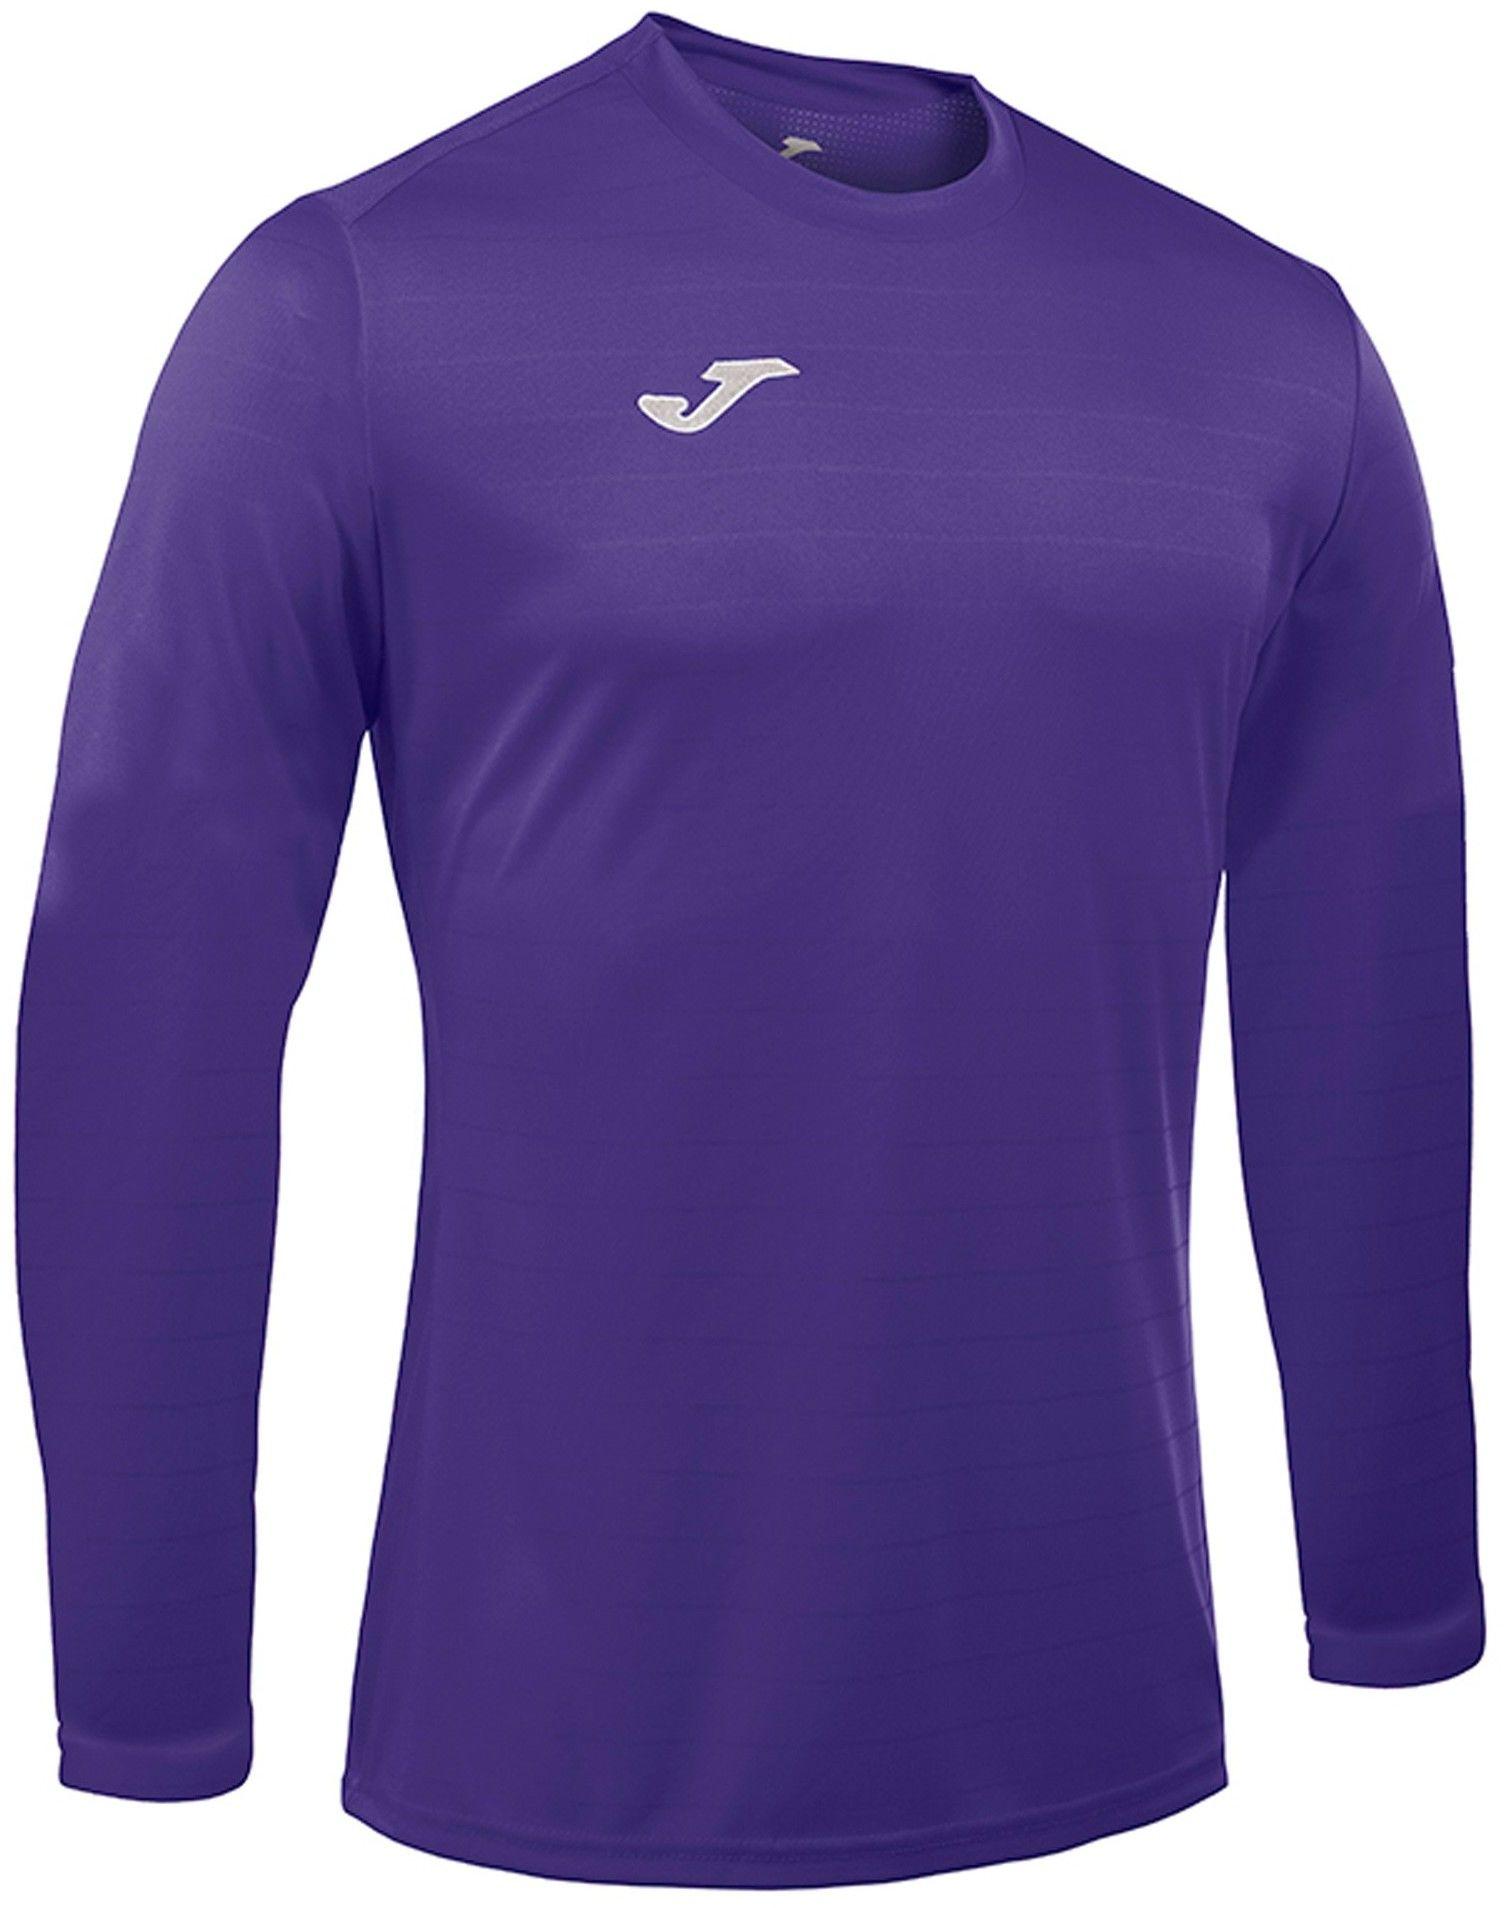 Koszulka Joma Campus violet (10 szt.)